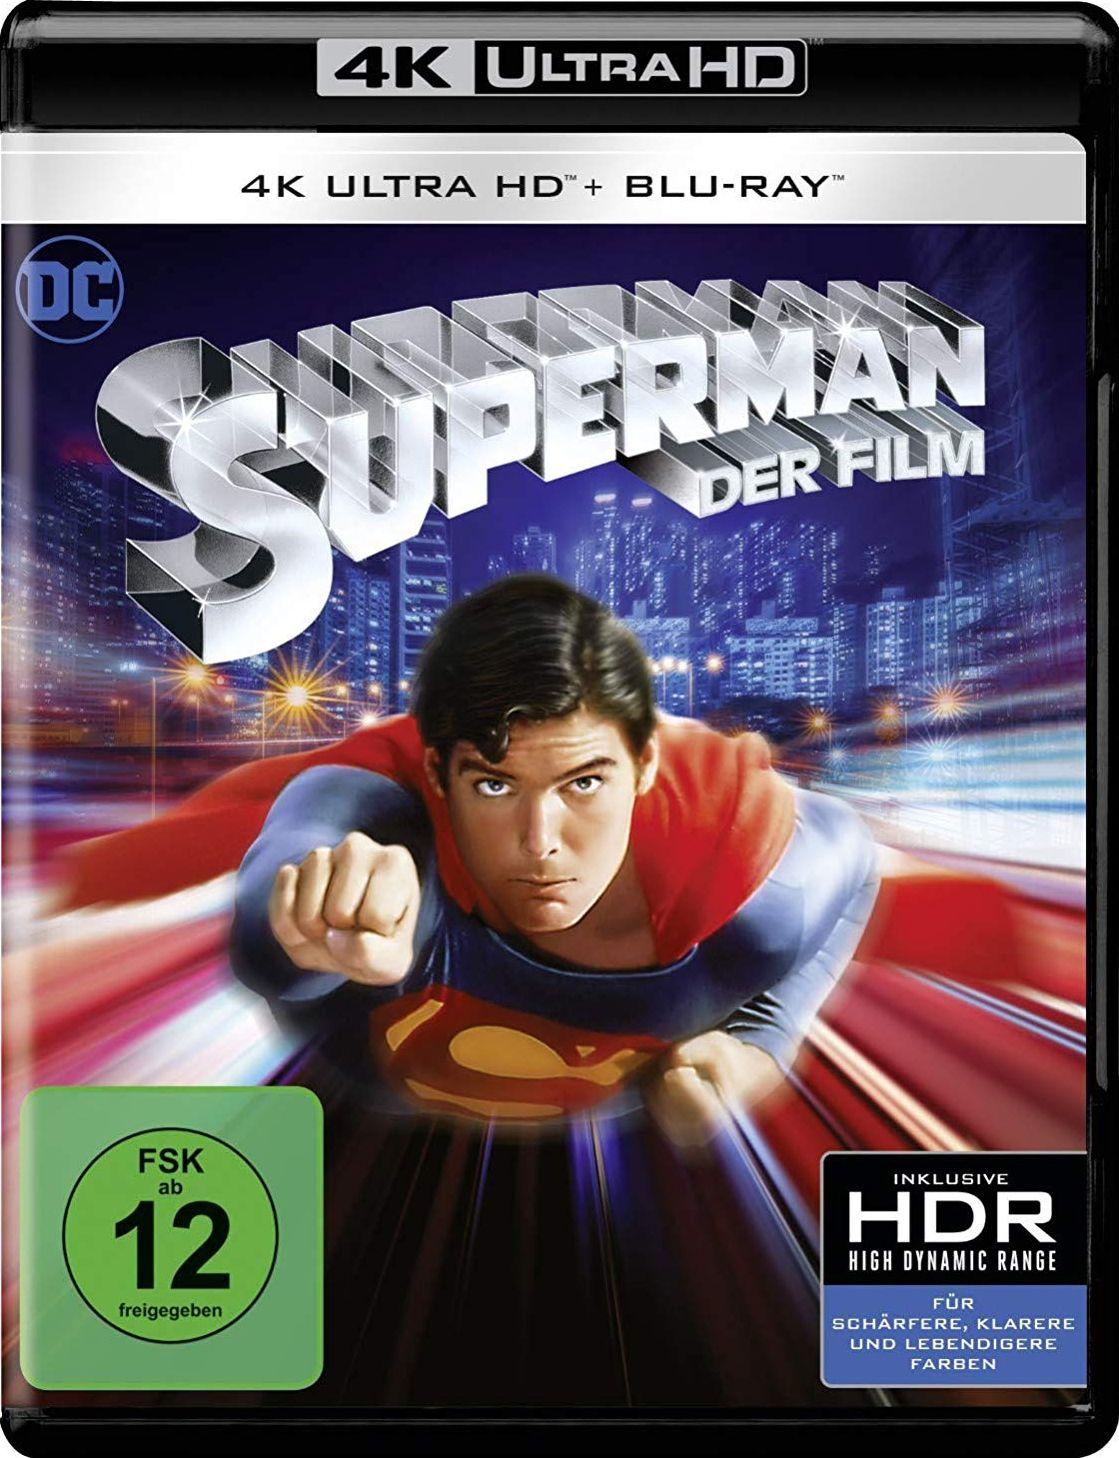 Superman - Der Film (1978) (2 Discs) (UHD BLURAY + BLURAY)